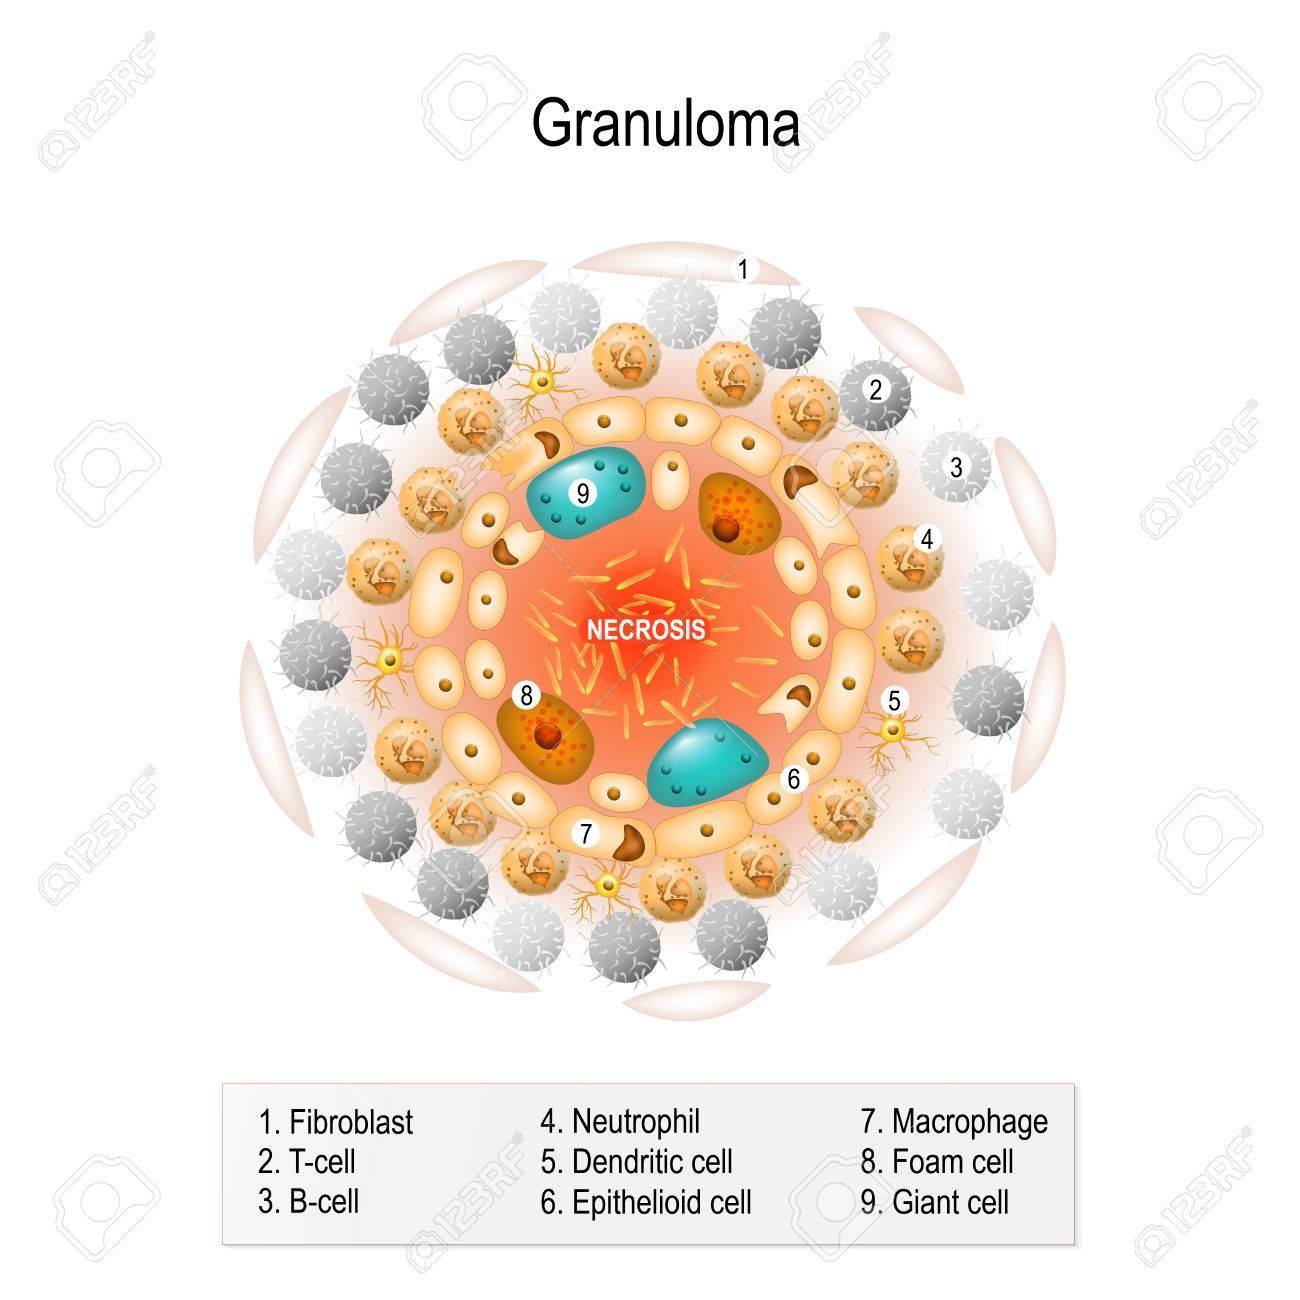 Zellstruktur Des Tuberkulösen Granulom. Menschliche Anatomie ...